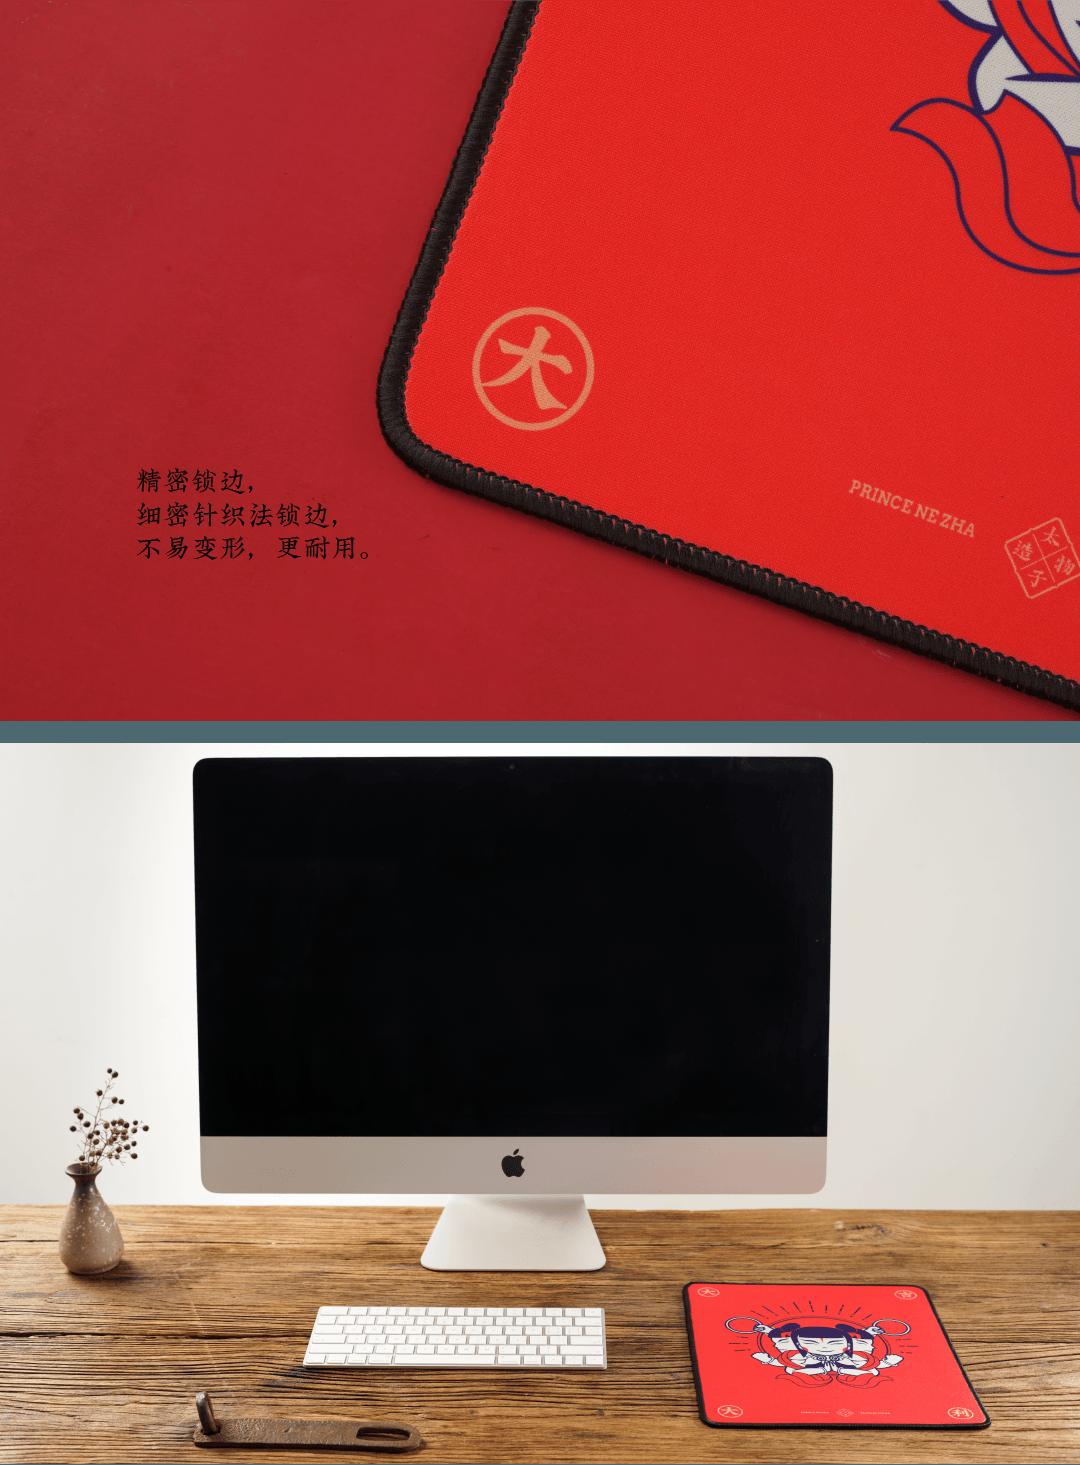 """心有灵犀一垫通——太子造物文创系列产品之手机壳""""鼠标垫"""""""